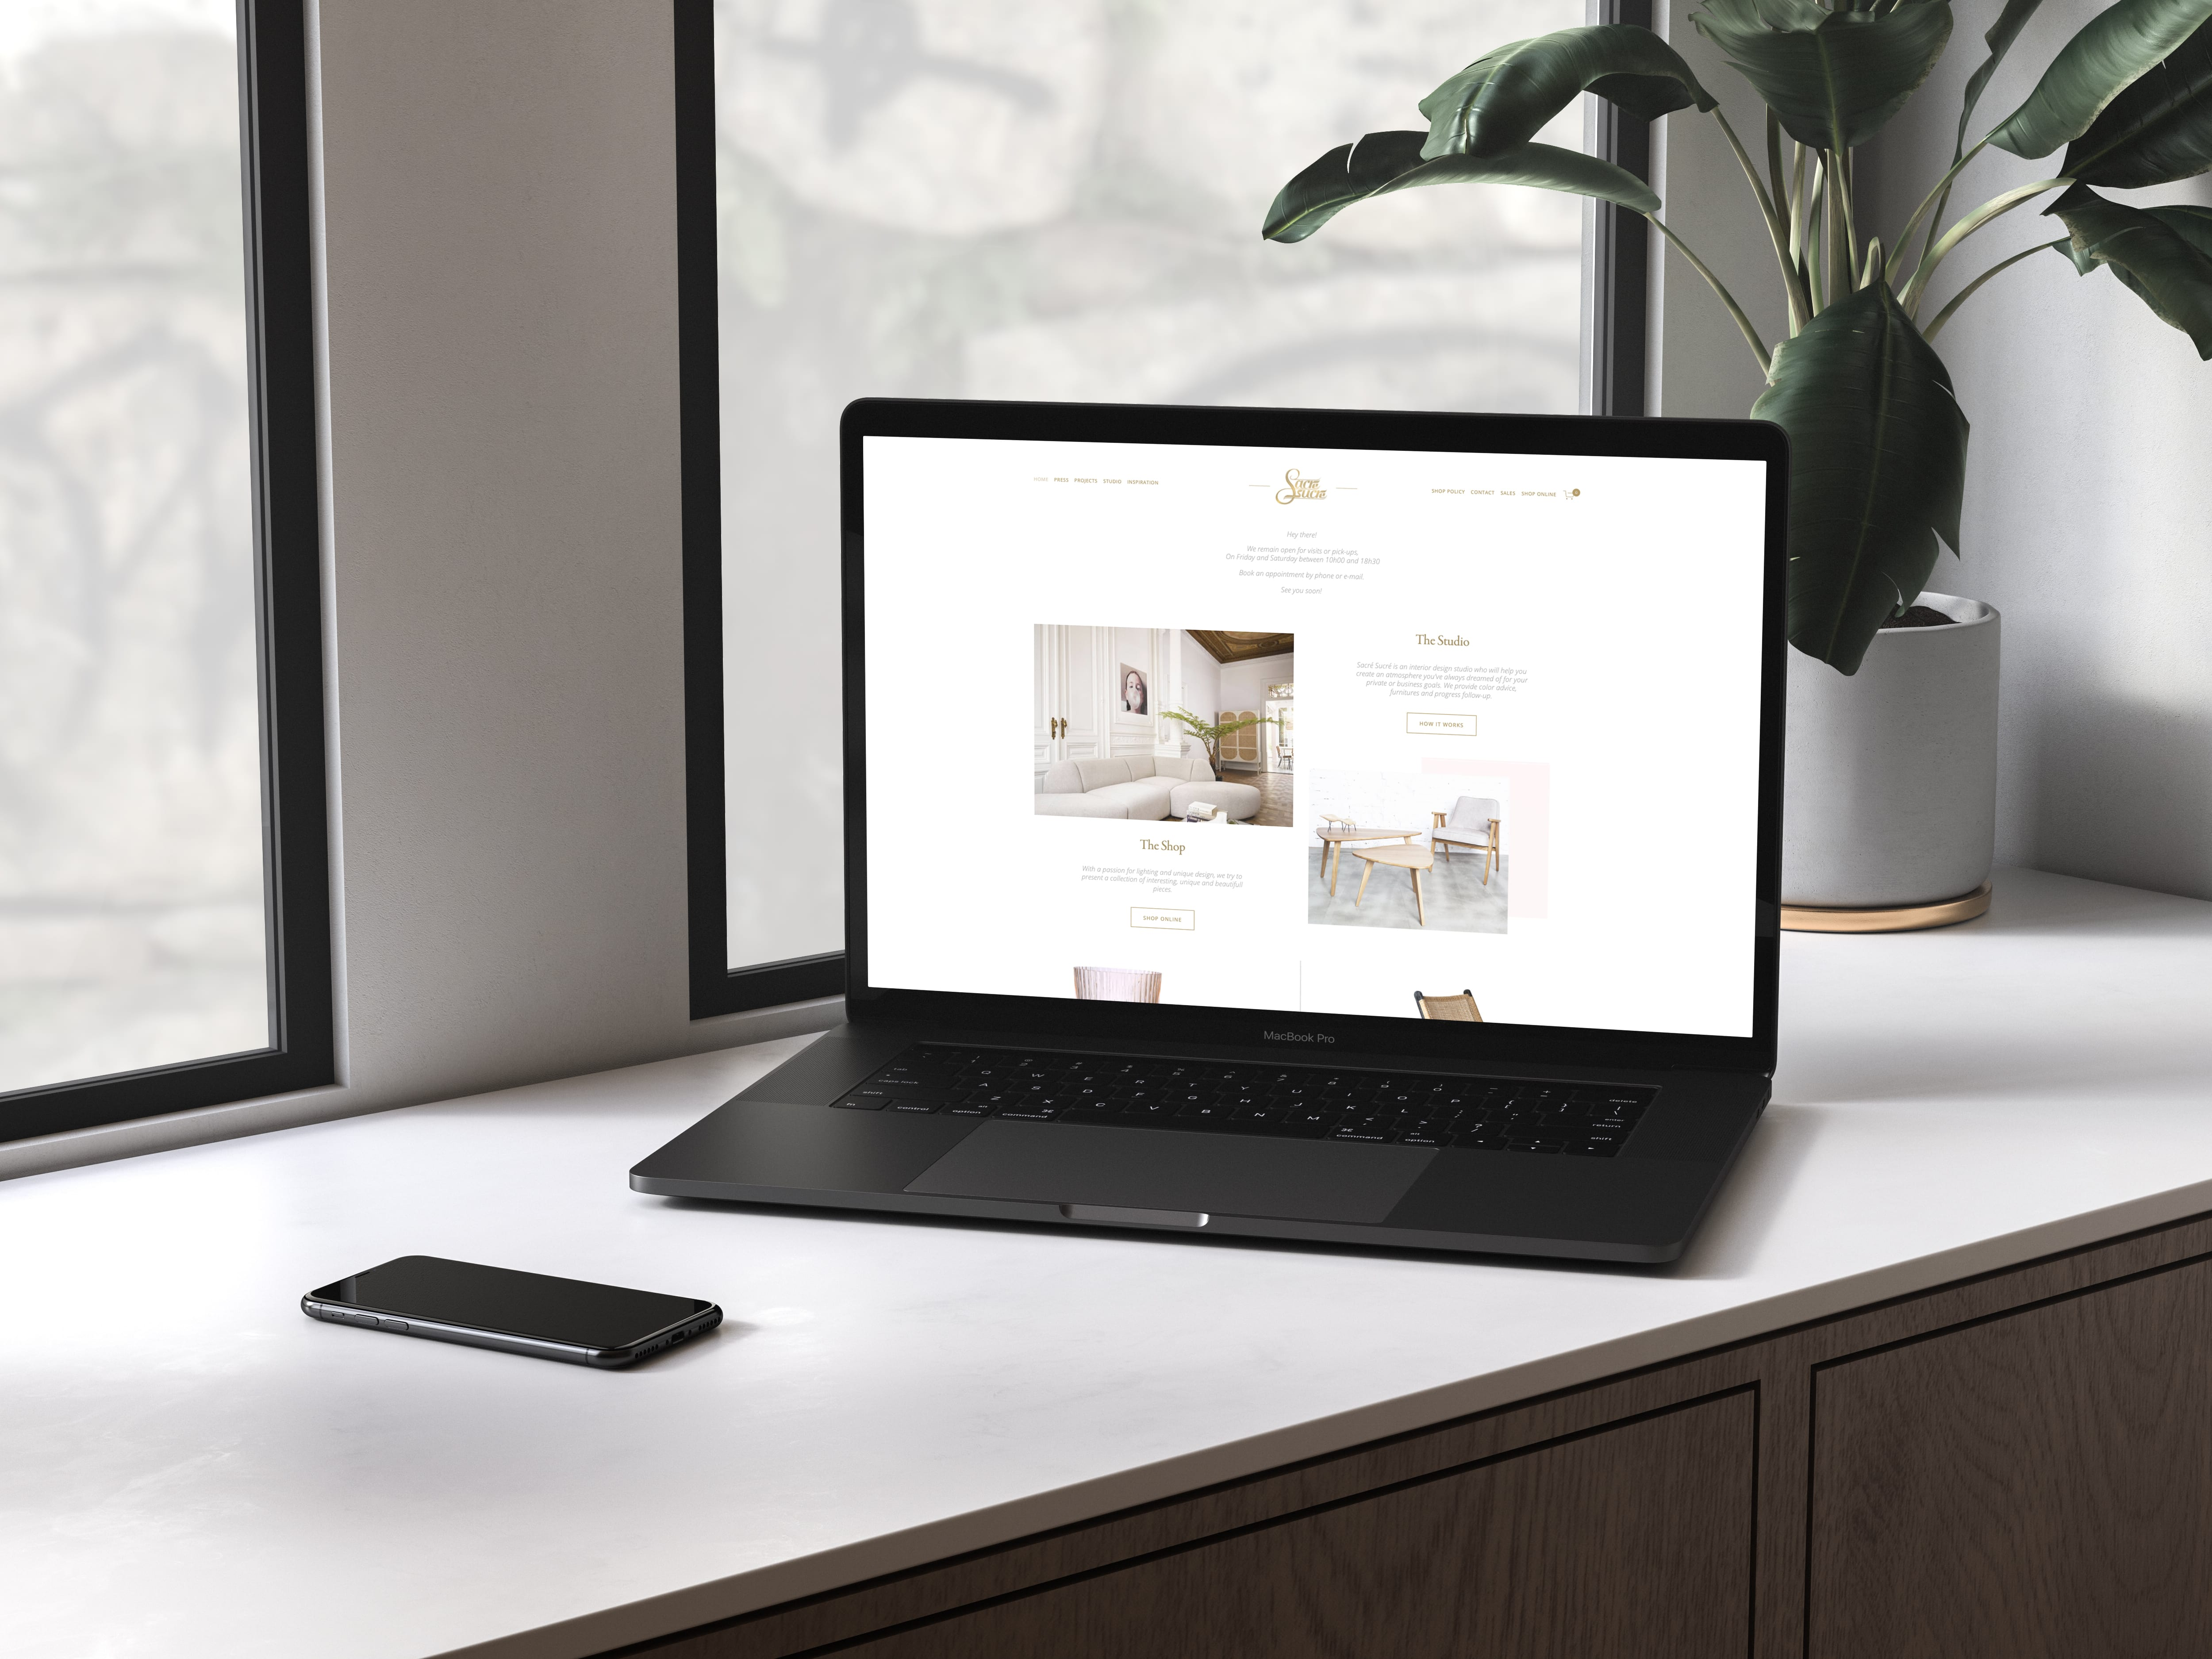 Site e-commerce de mobilier d'intérieur - E-commerce